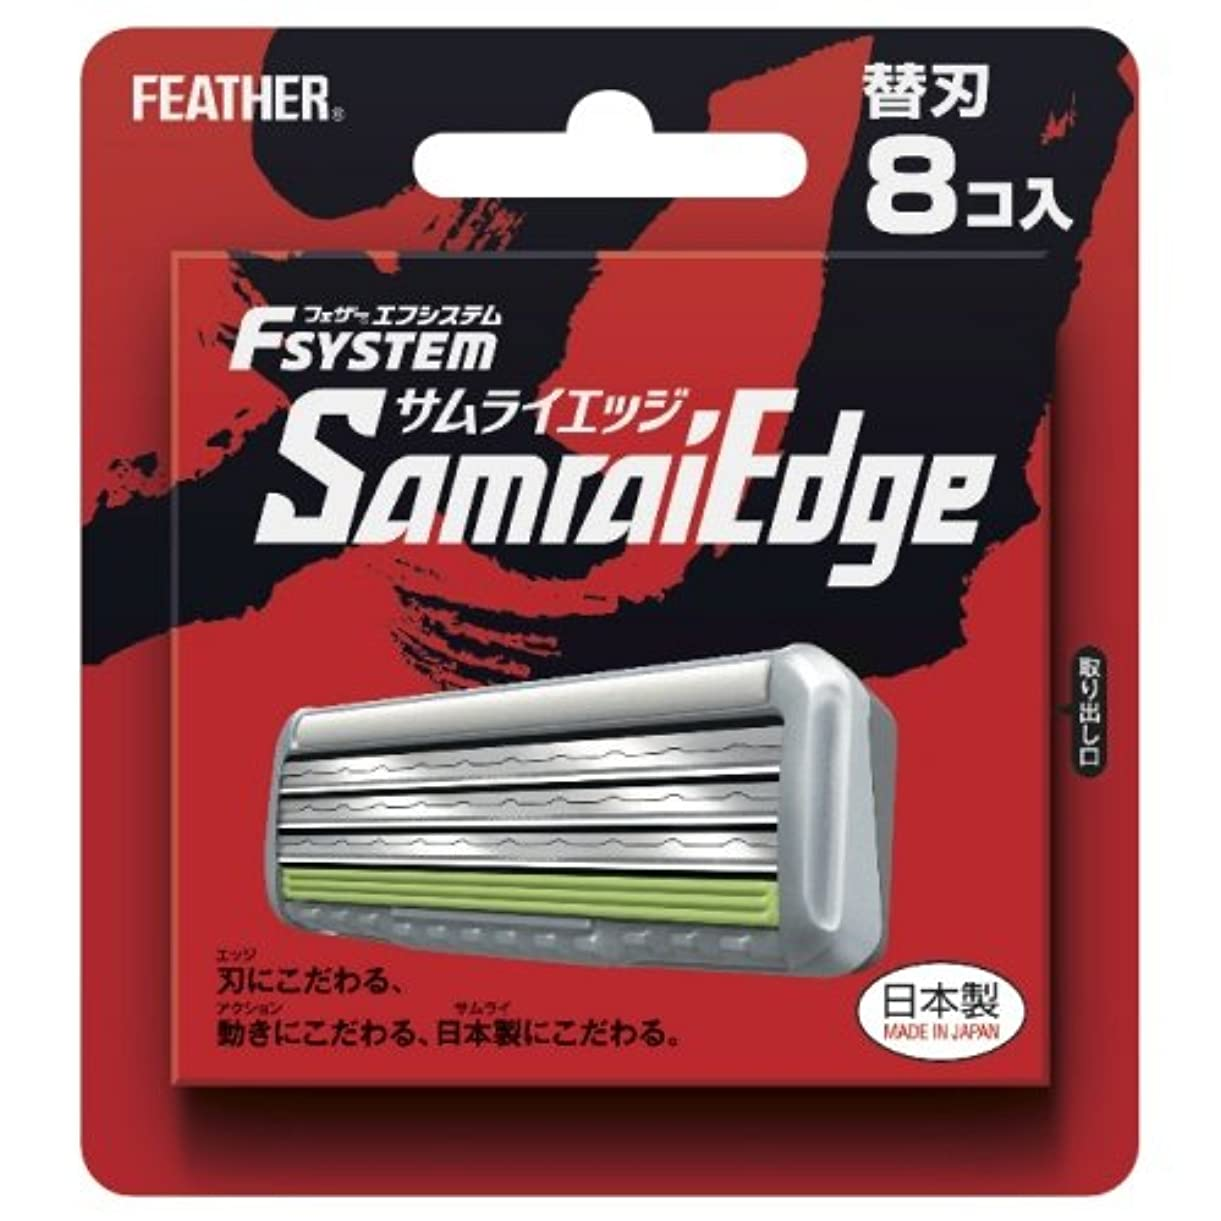 機知に富んだせせらぎサイレントフェザー エフシステム 替刃 サムライエッジ 8コ入 (日本製)